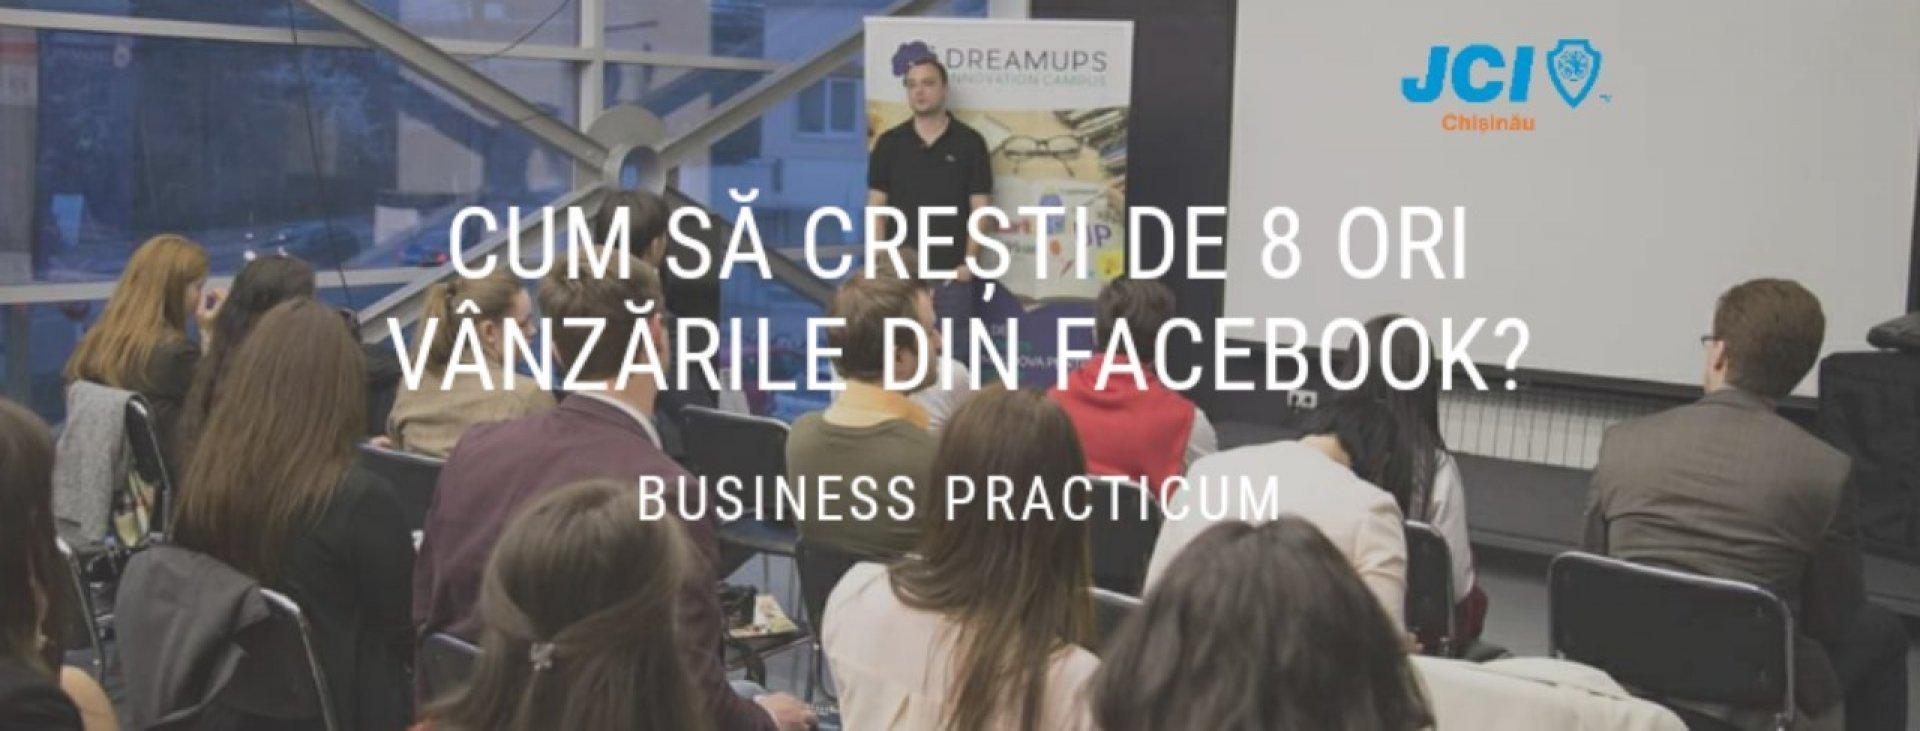 Business Practicum